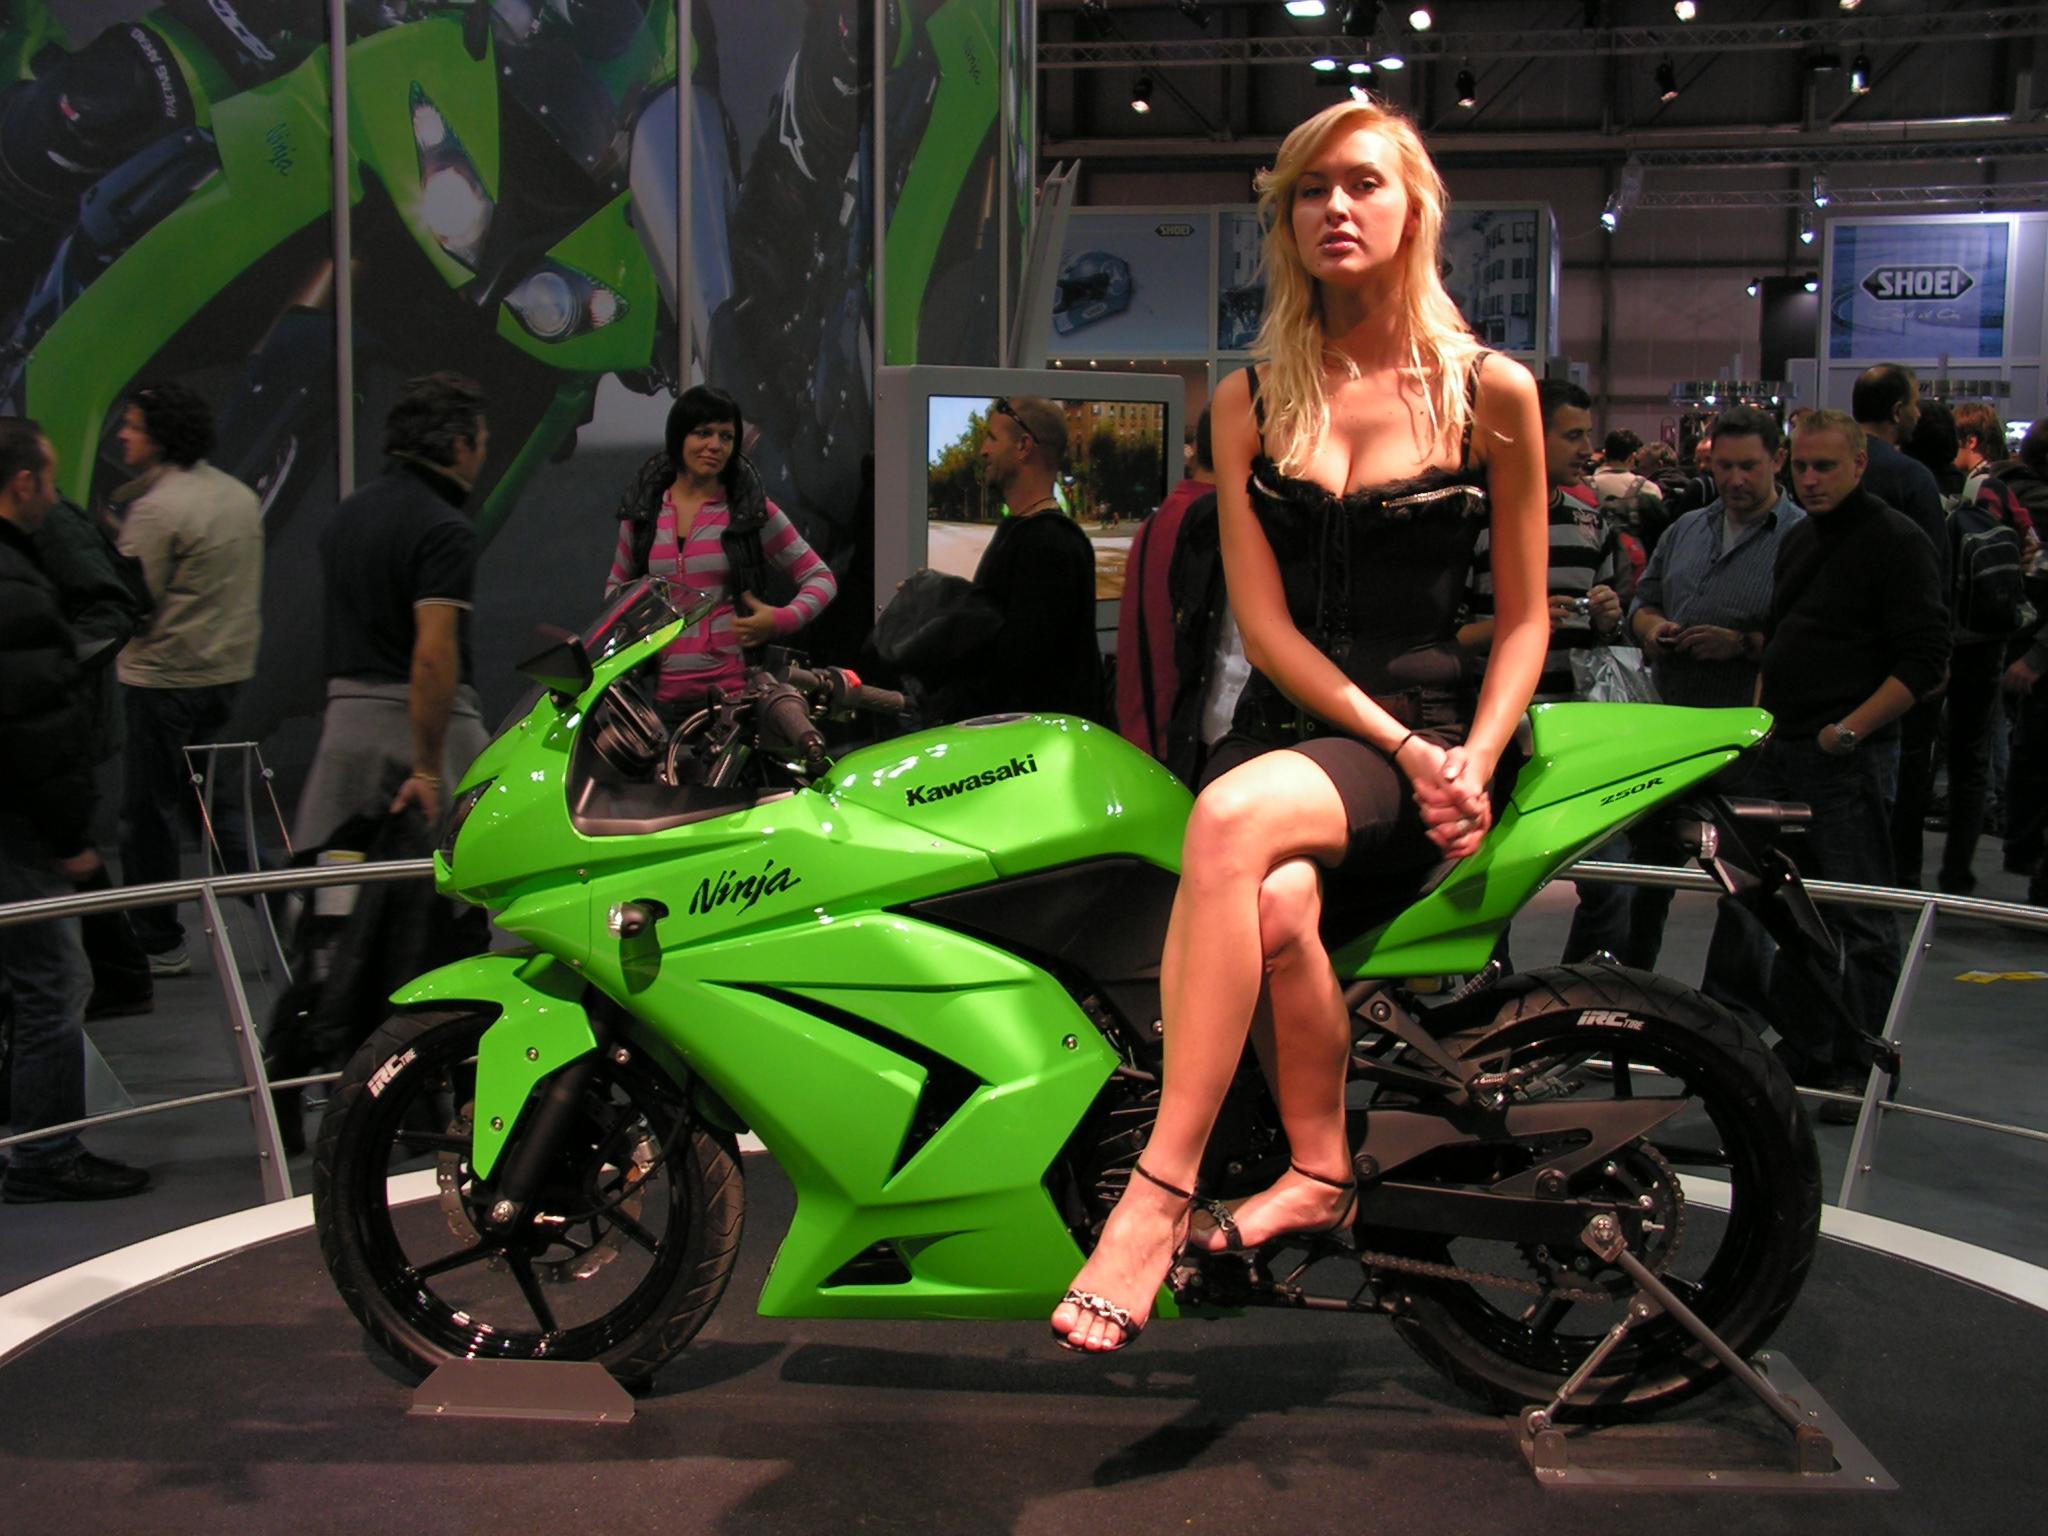 http://asmarantaka.files.wordpress.com/2011/03/kawasaki_ninja_250r.jpg